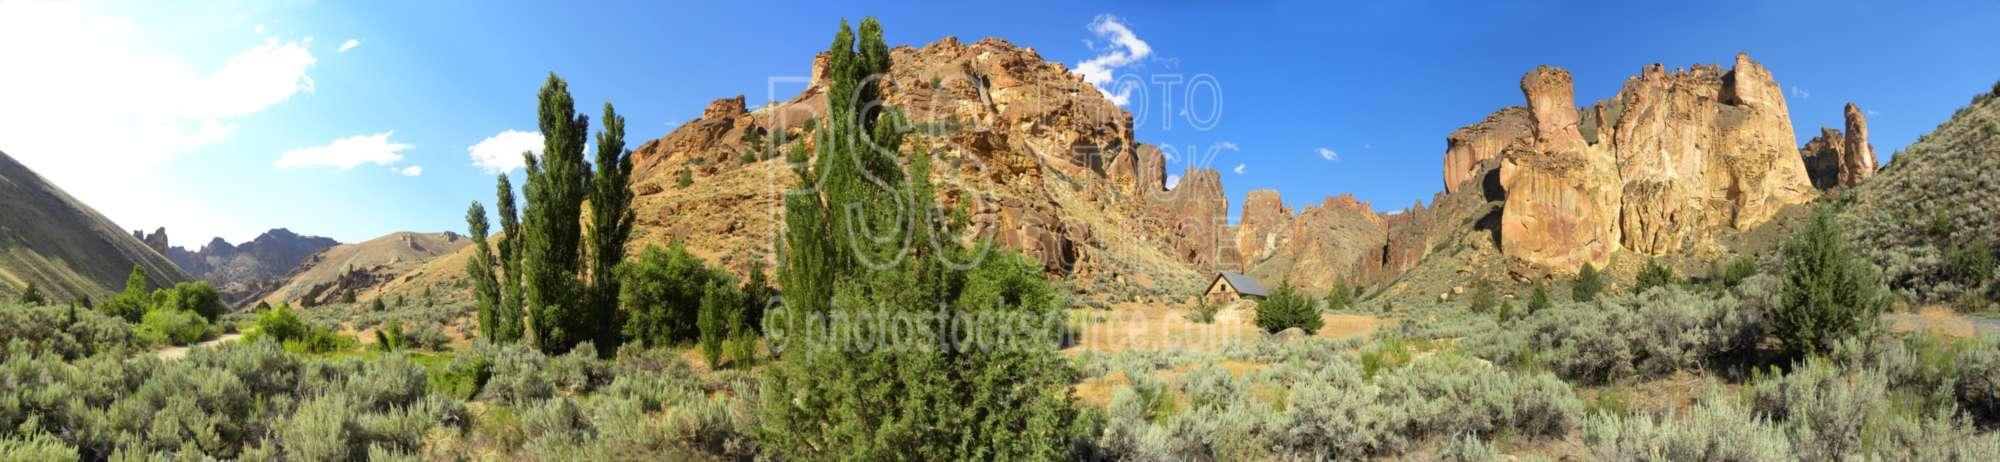 Leslie Gulch Rocks